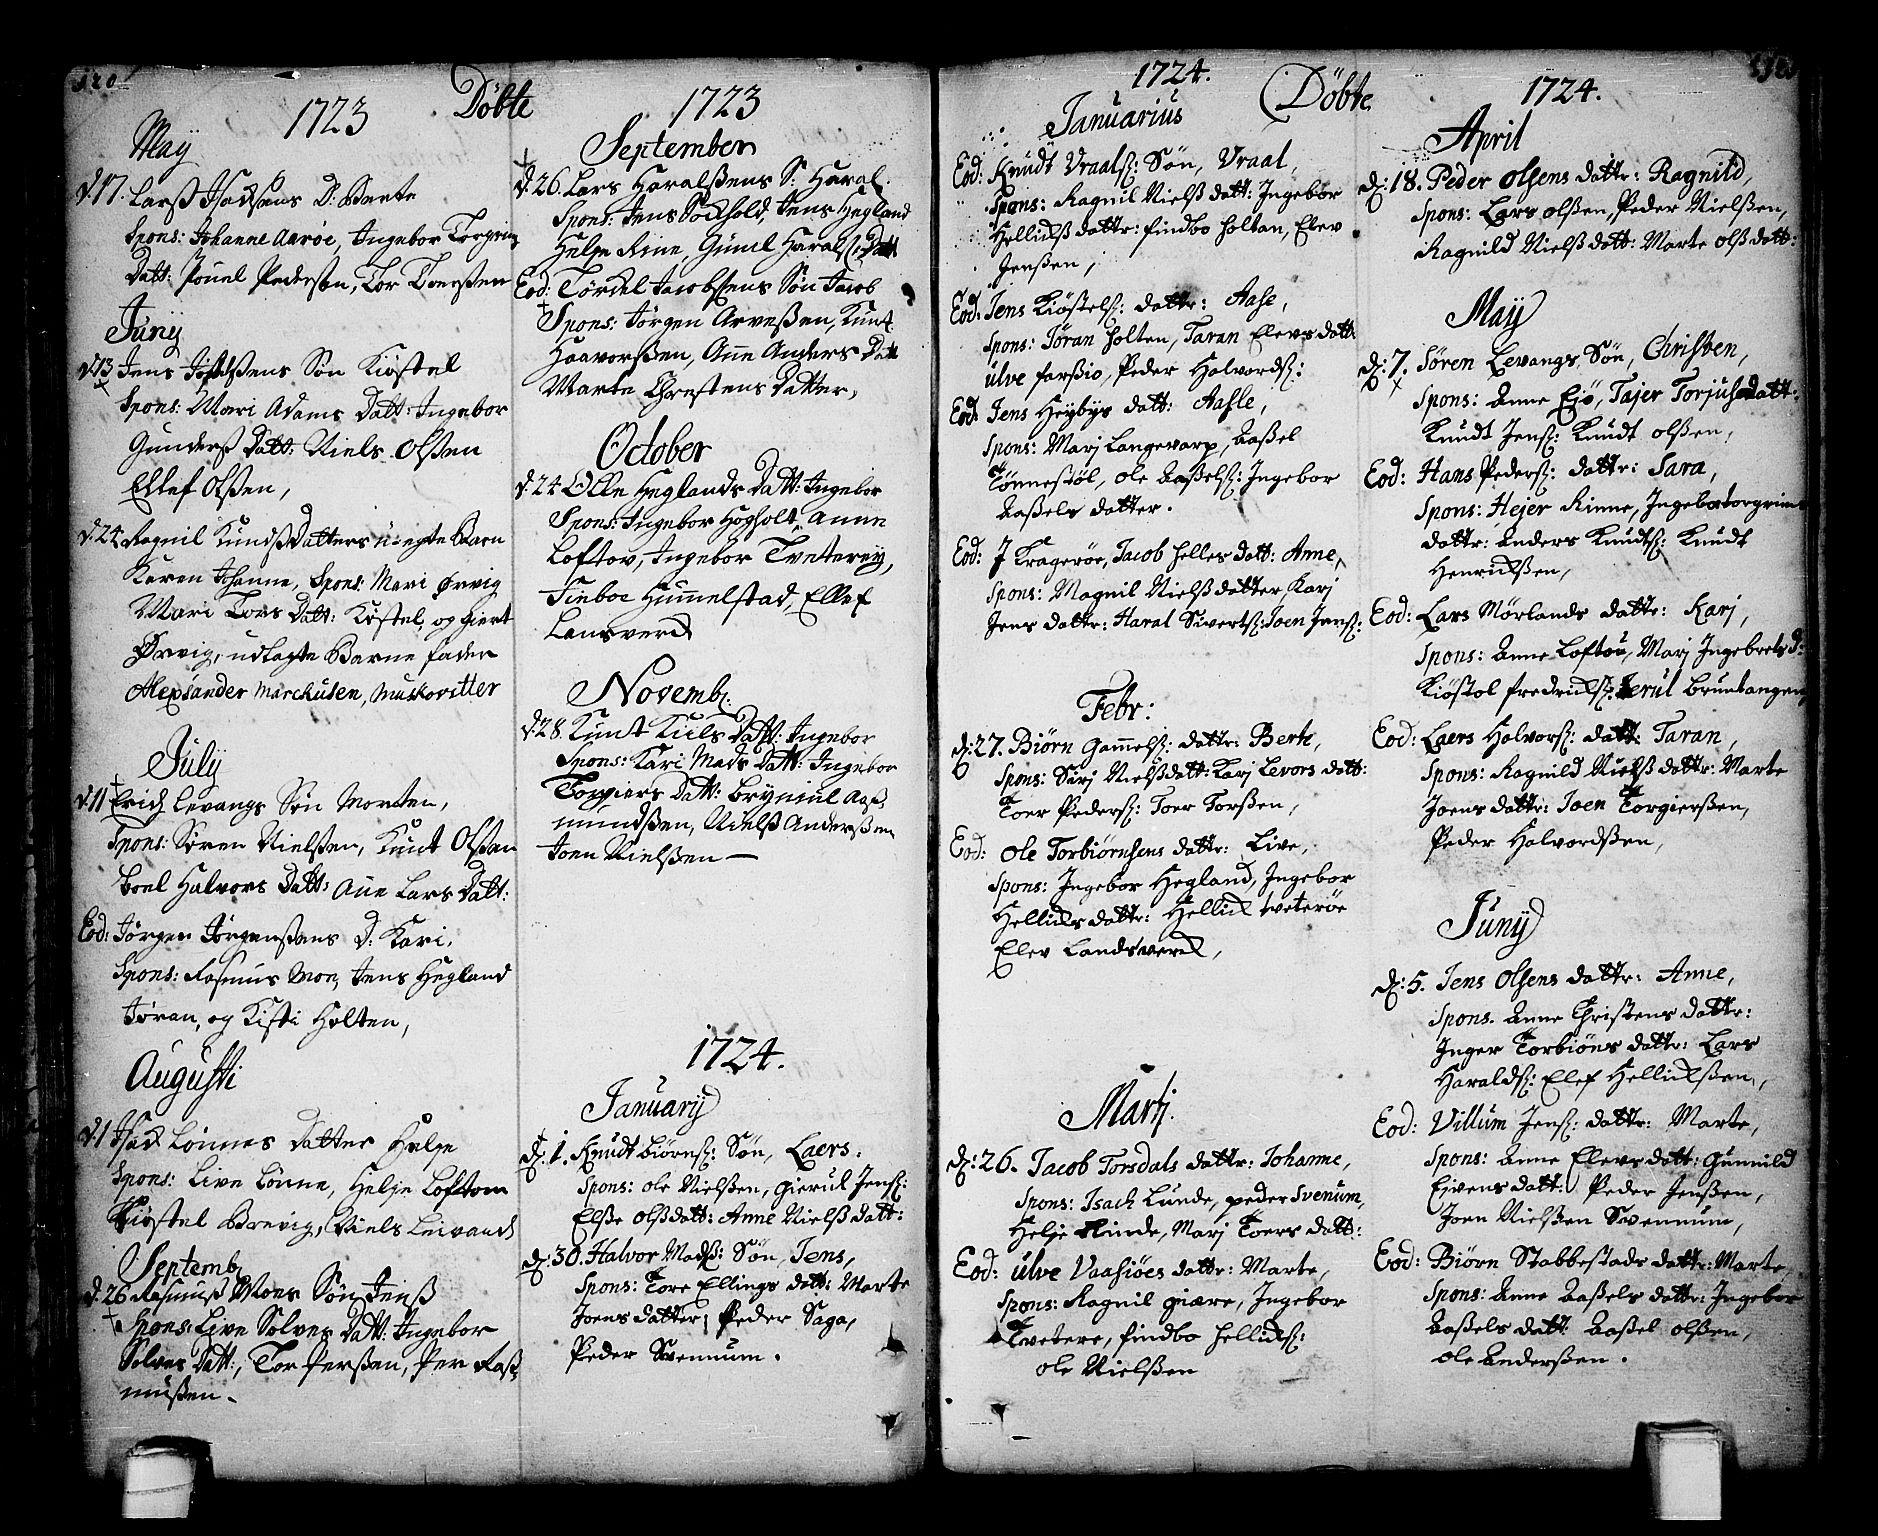 SAKO, Sannidal kirkebøker, F/Fa/L0001: Ministerialbok nr. 1, 1702-1766, s. 120-121